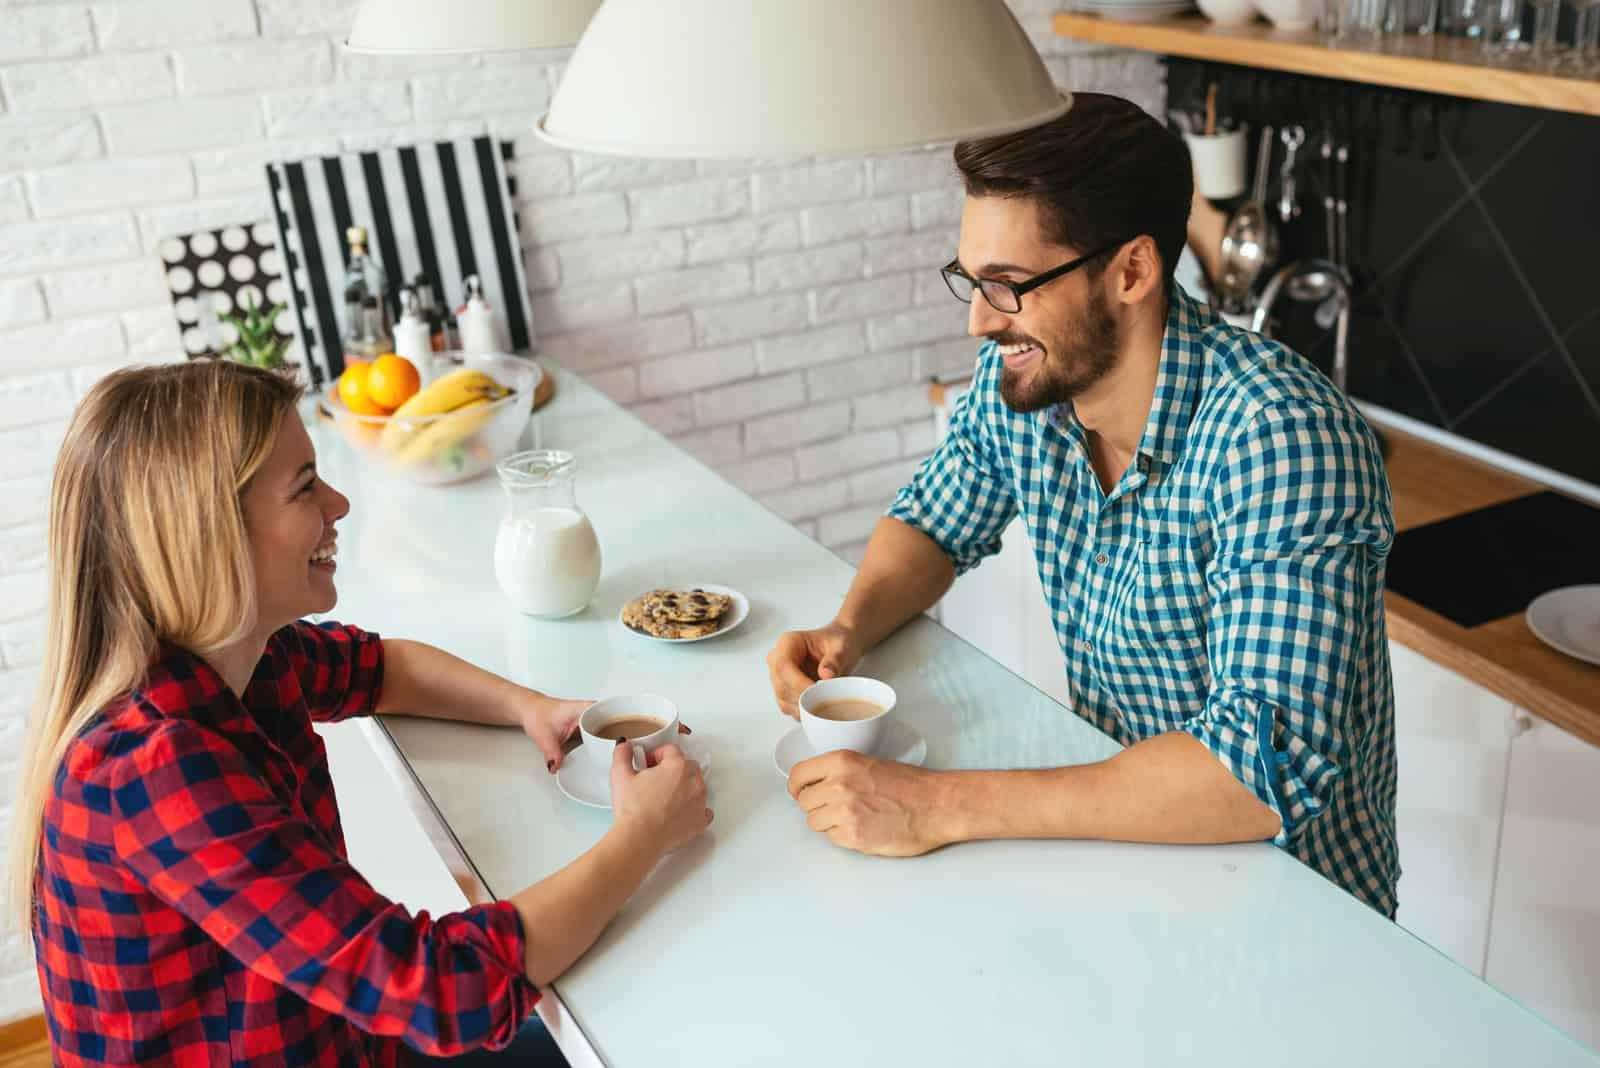 un homme et une femme sont assis dans la cuisine et parlent